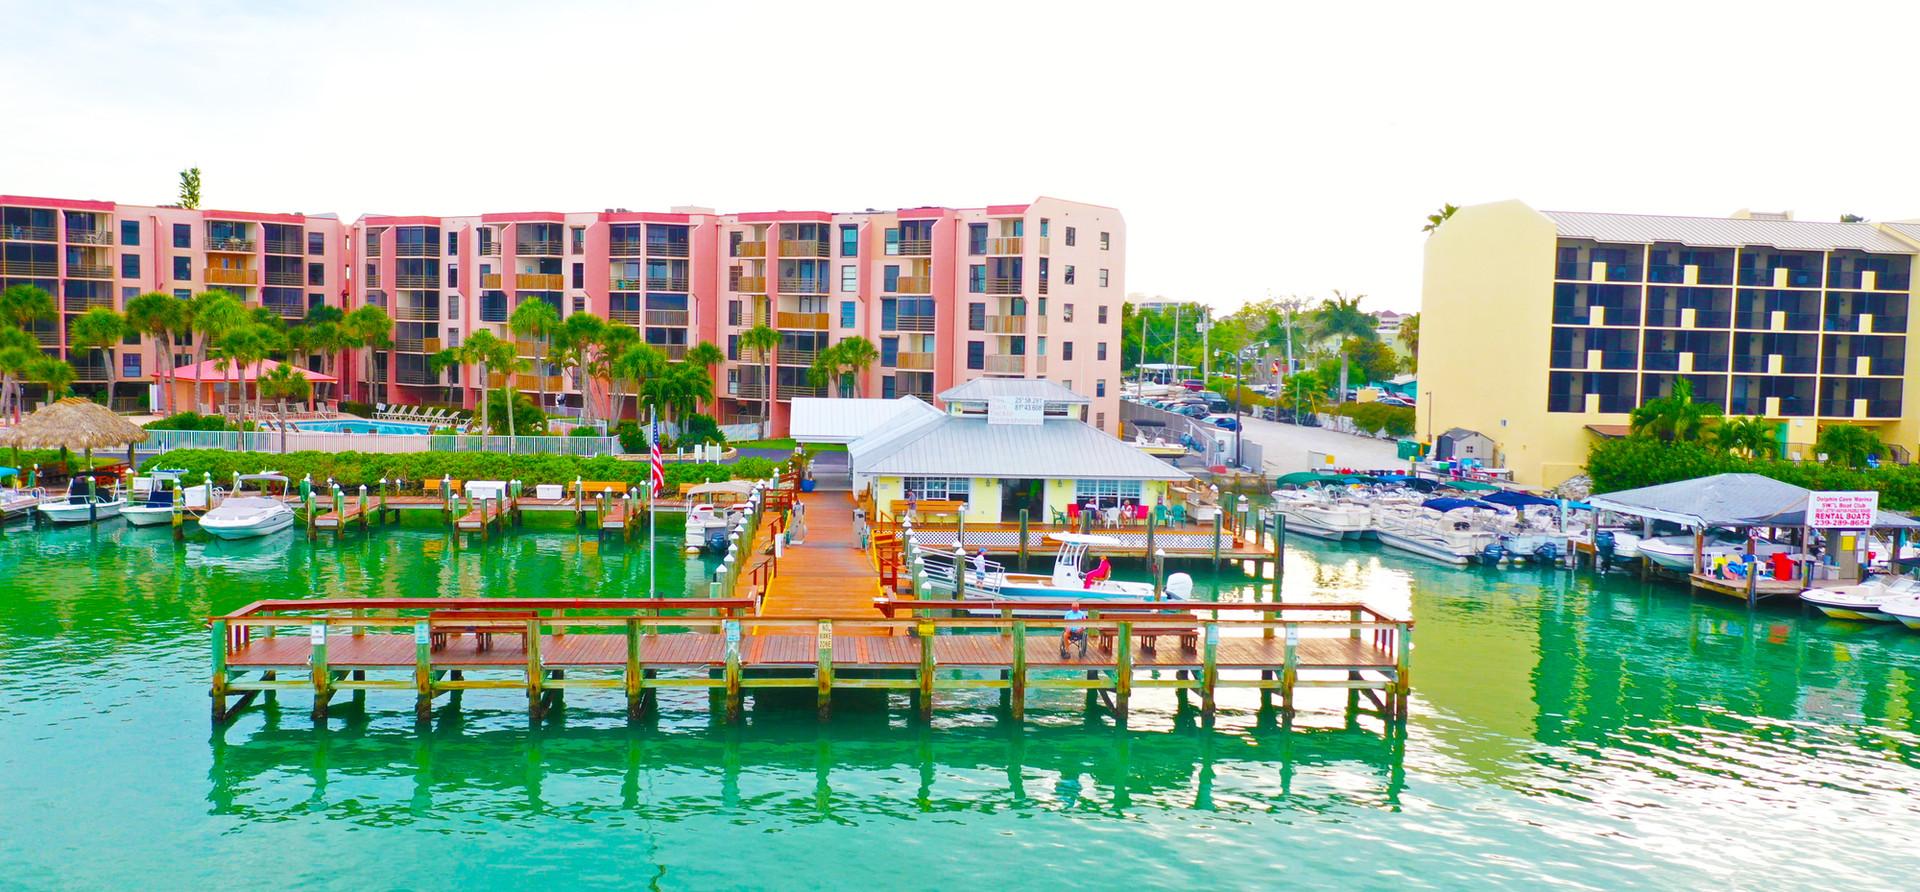 Pelican Pier Marina